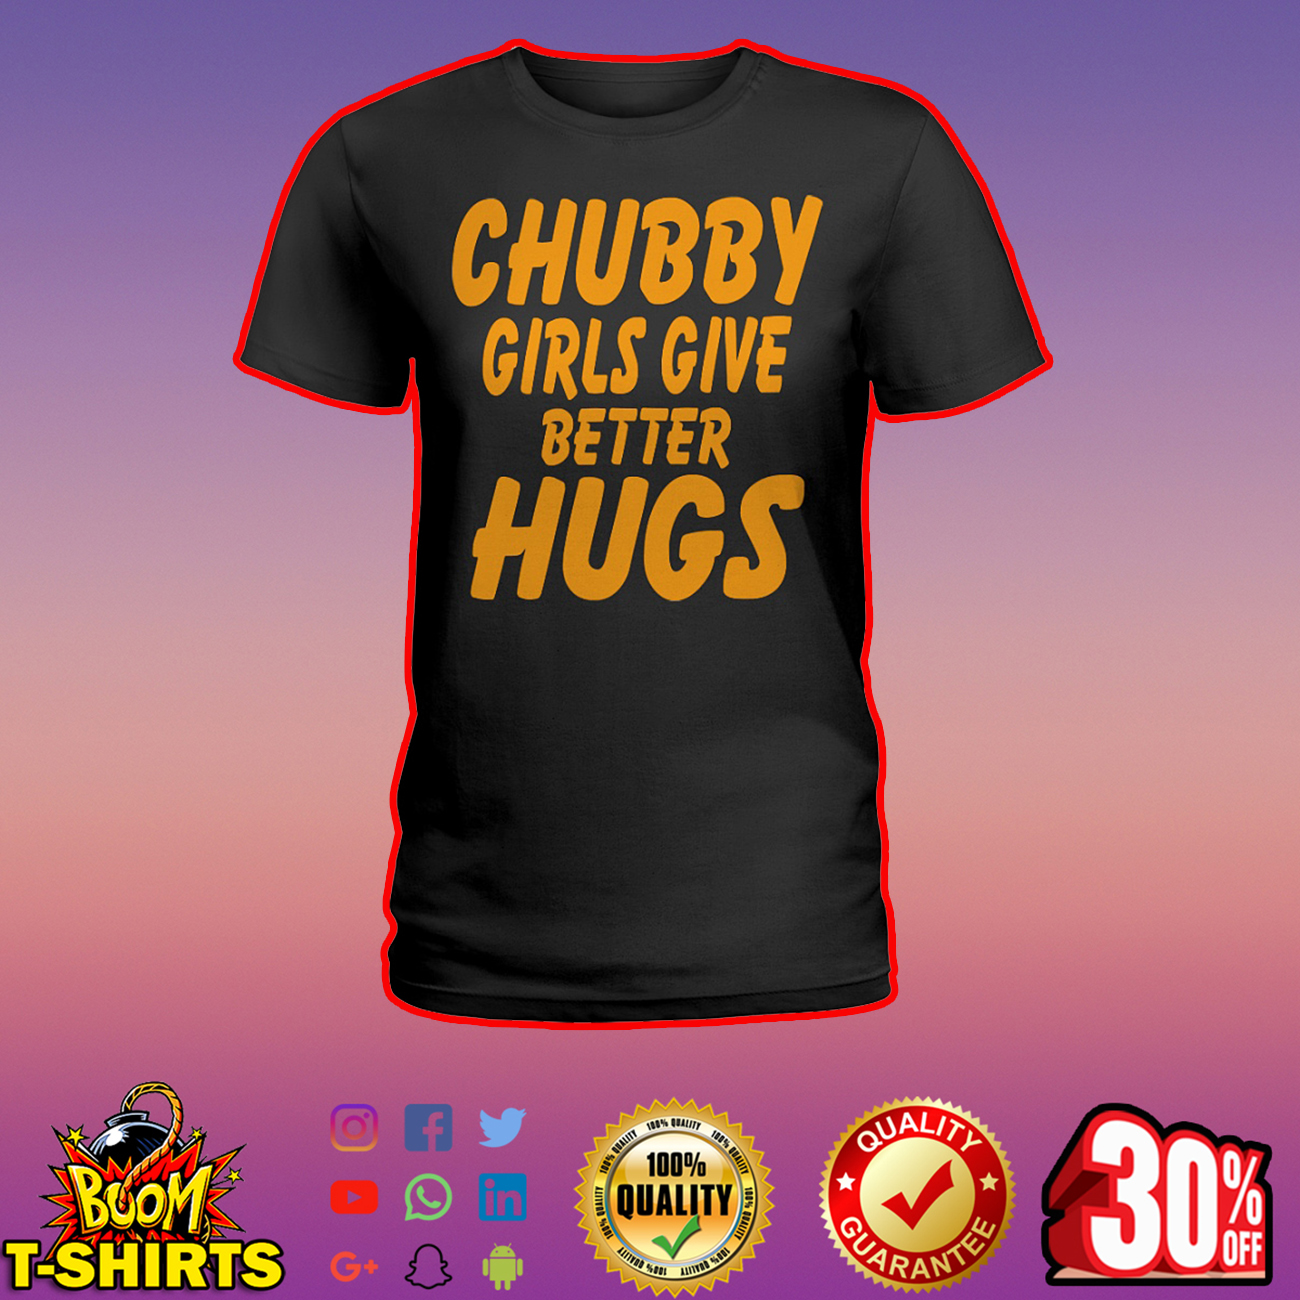 Chubby girls give better hugs shirt